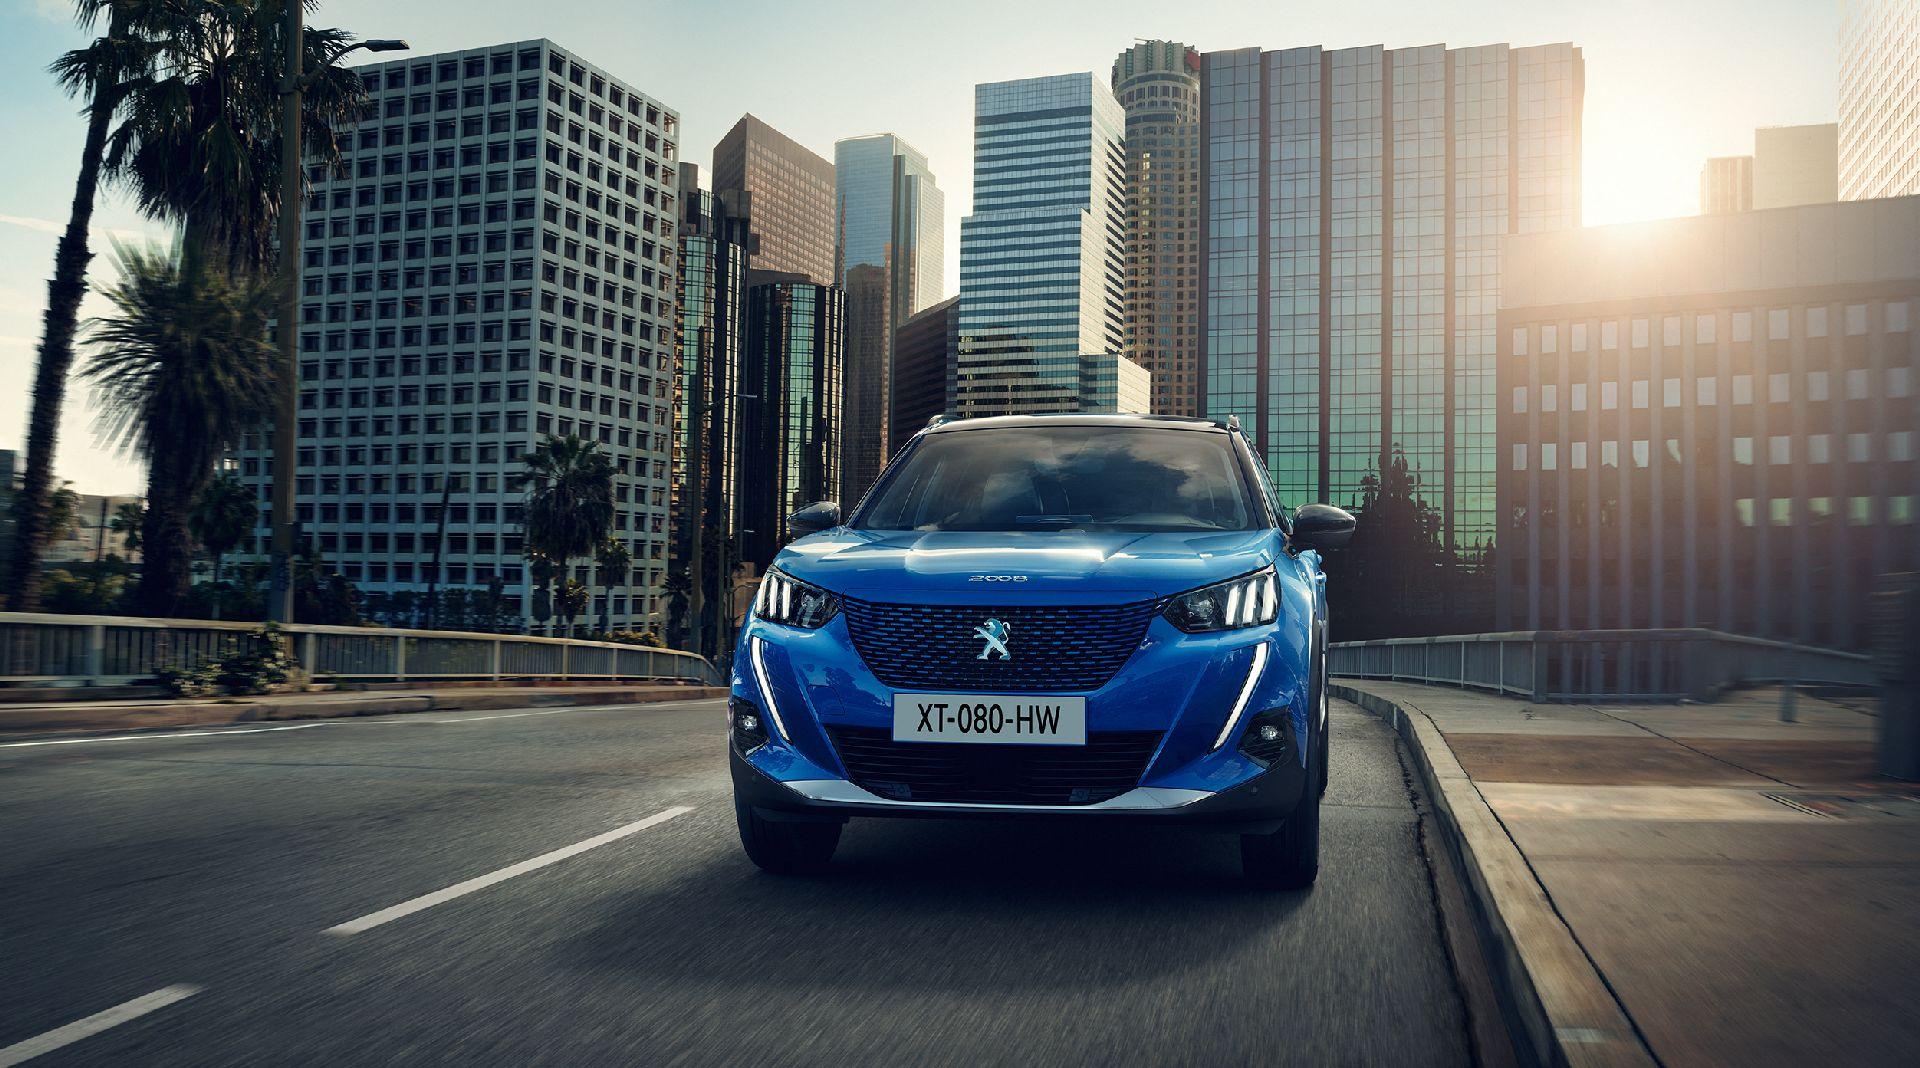 Peugeot giới thiệu thế hệ mới 2008 có thêm phiên bản chạy hoàn toàn bằng điện - 5